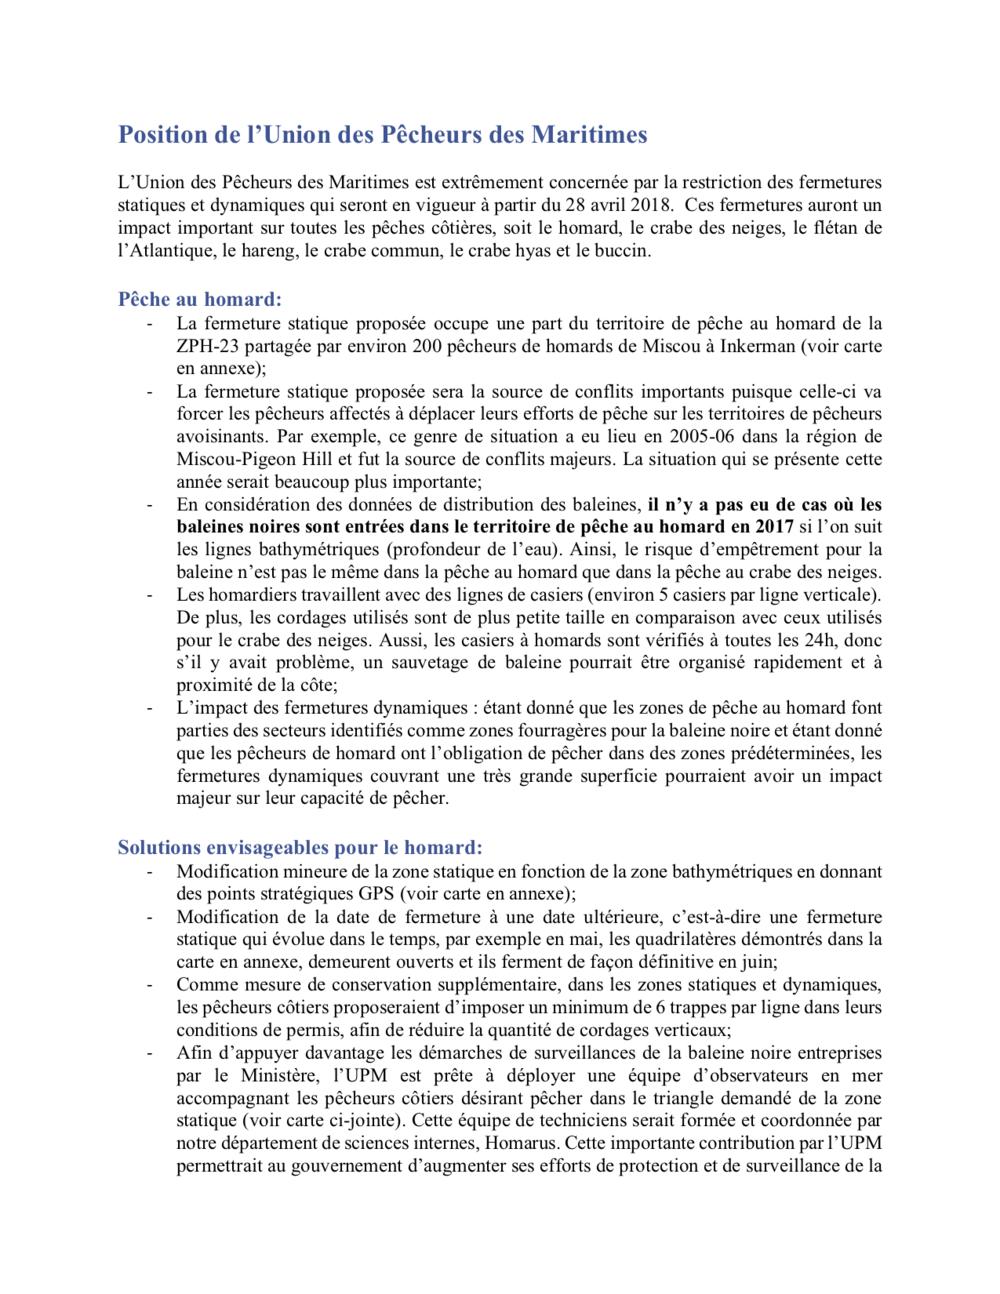 Position révisé UPM 2018-04-23 (dragged).png